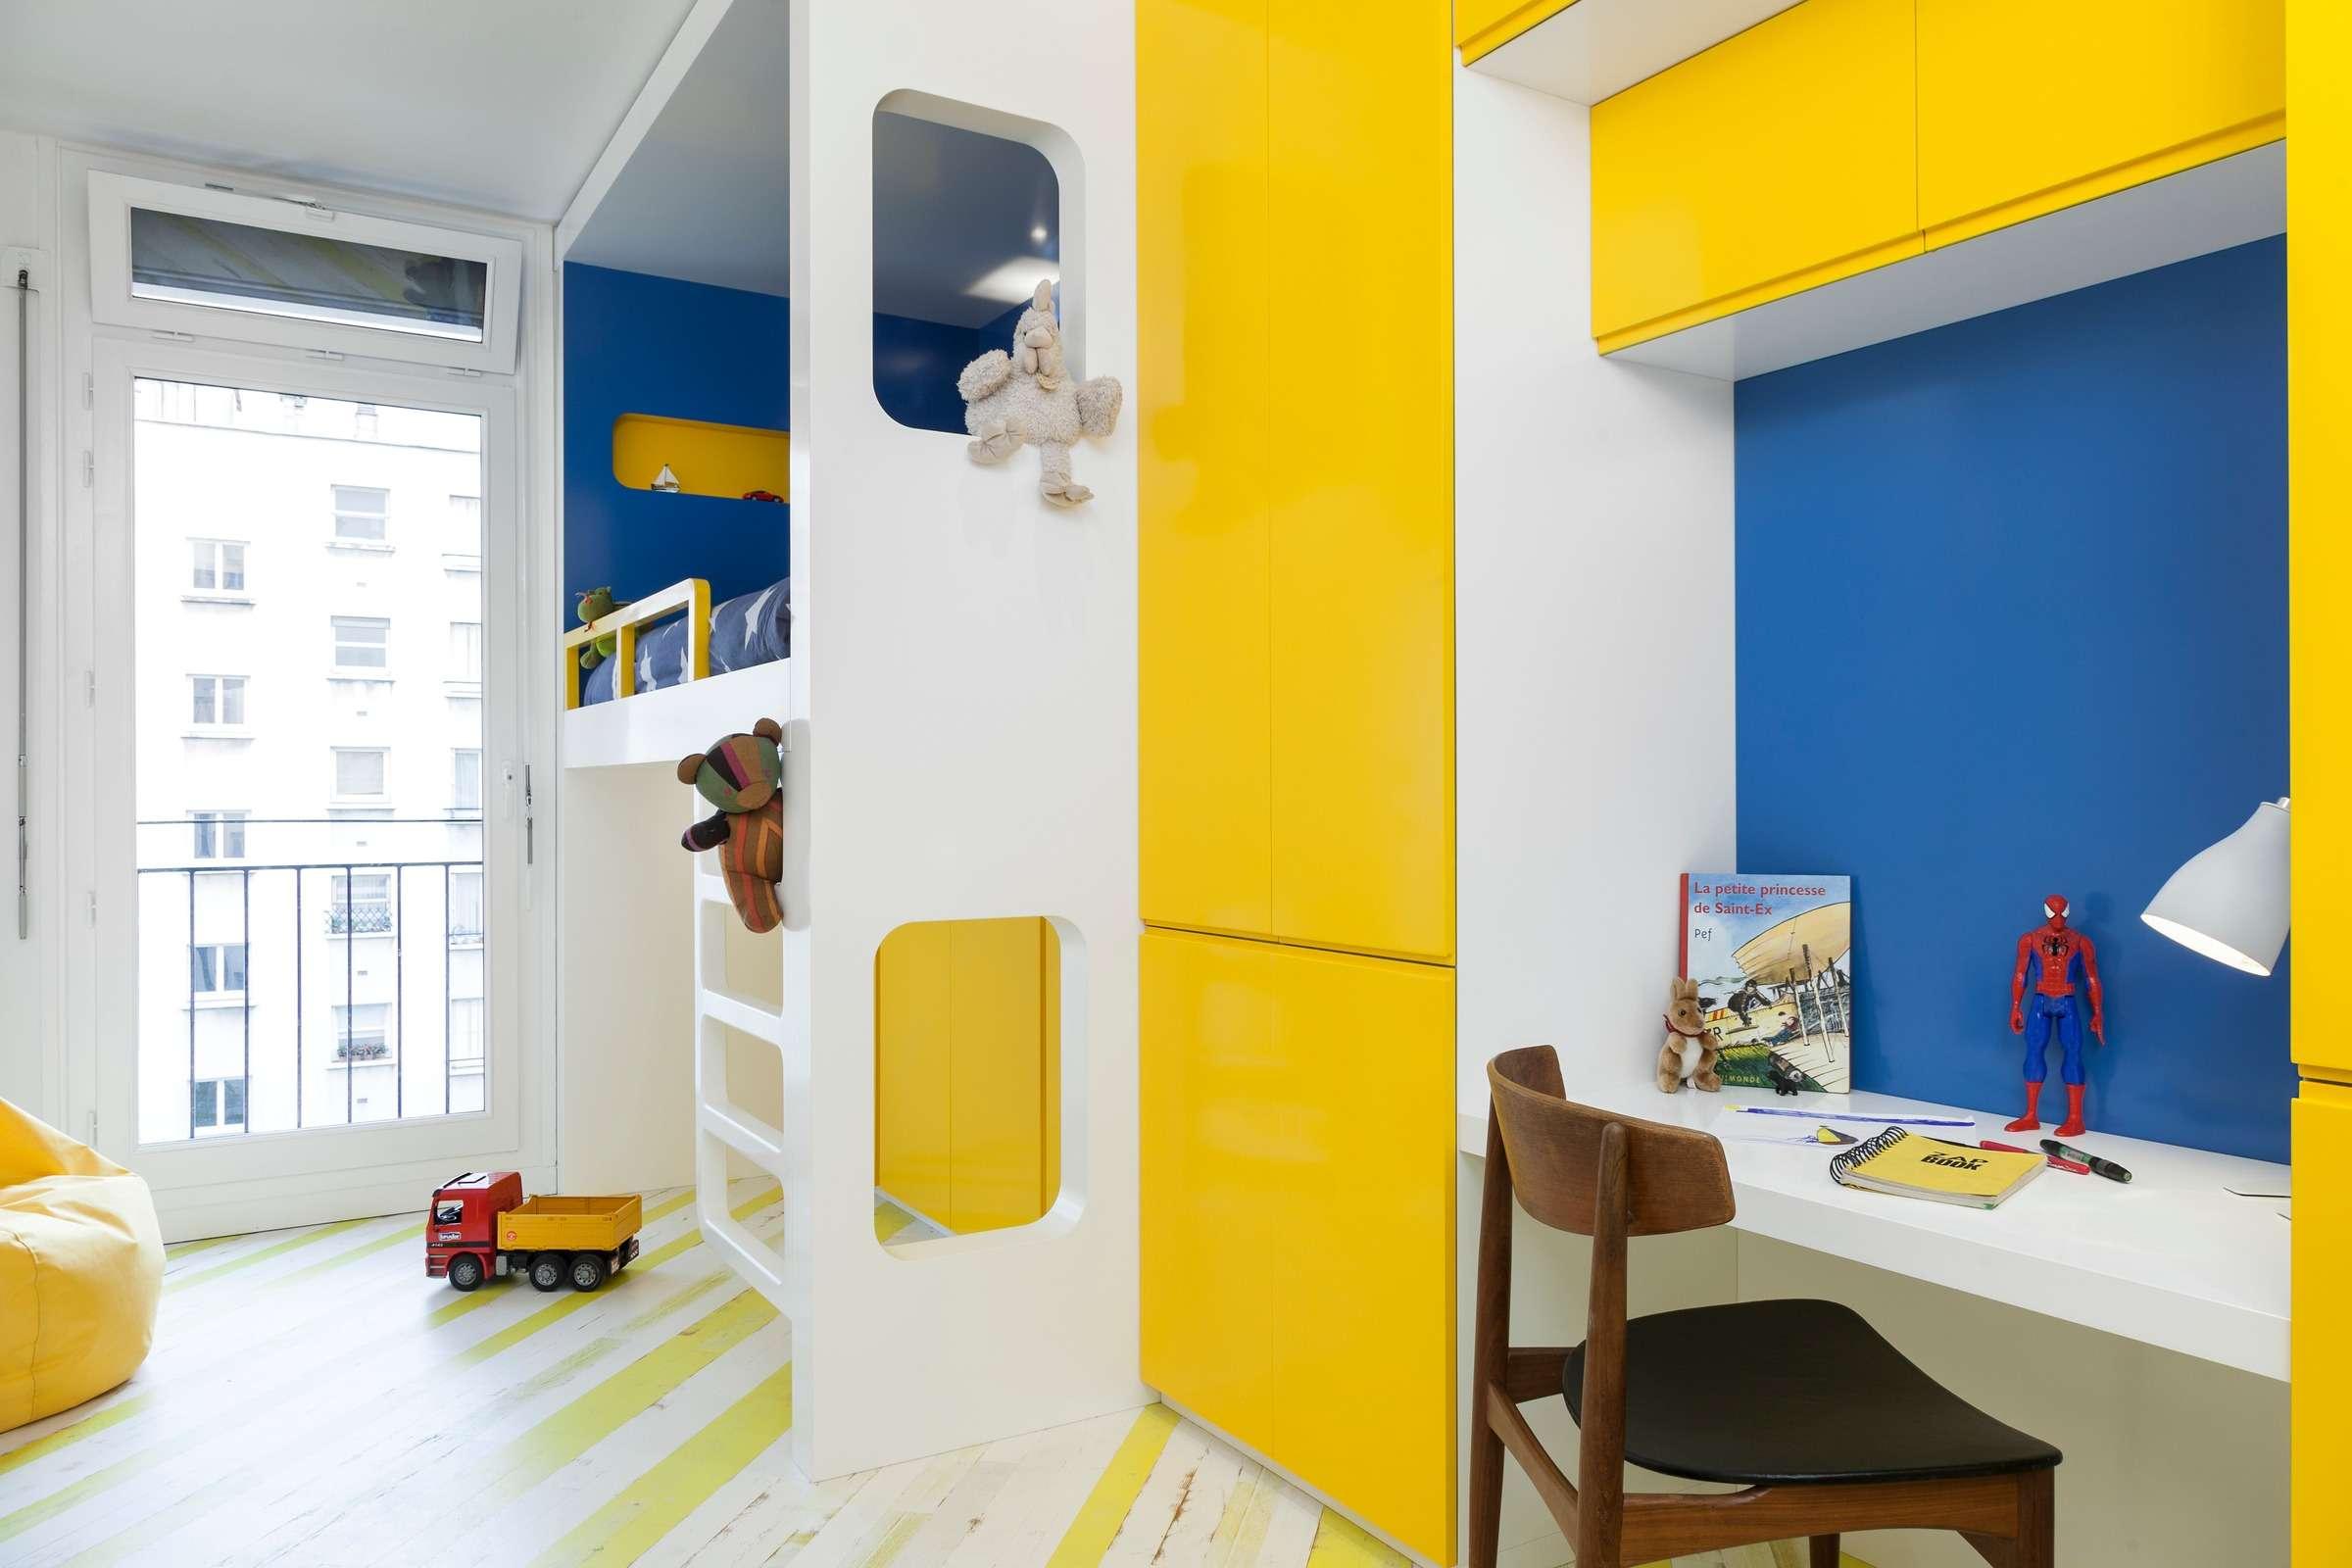 Buttes Chaumont - Rénovation d'un appartement des années 70.